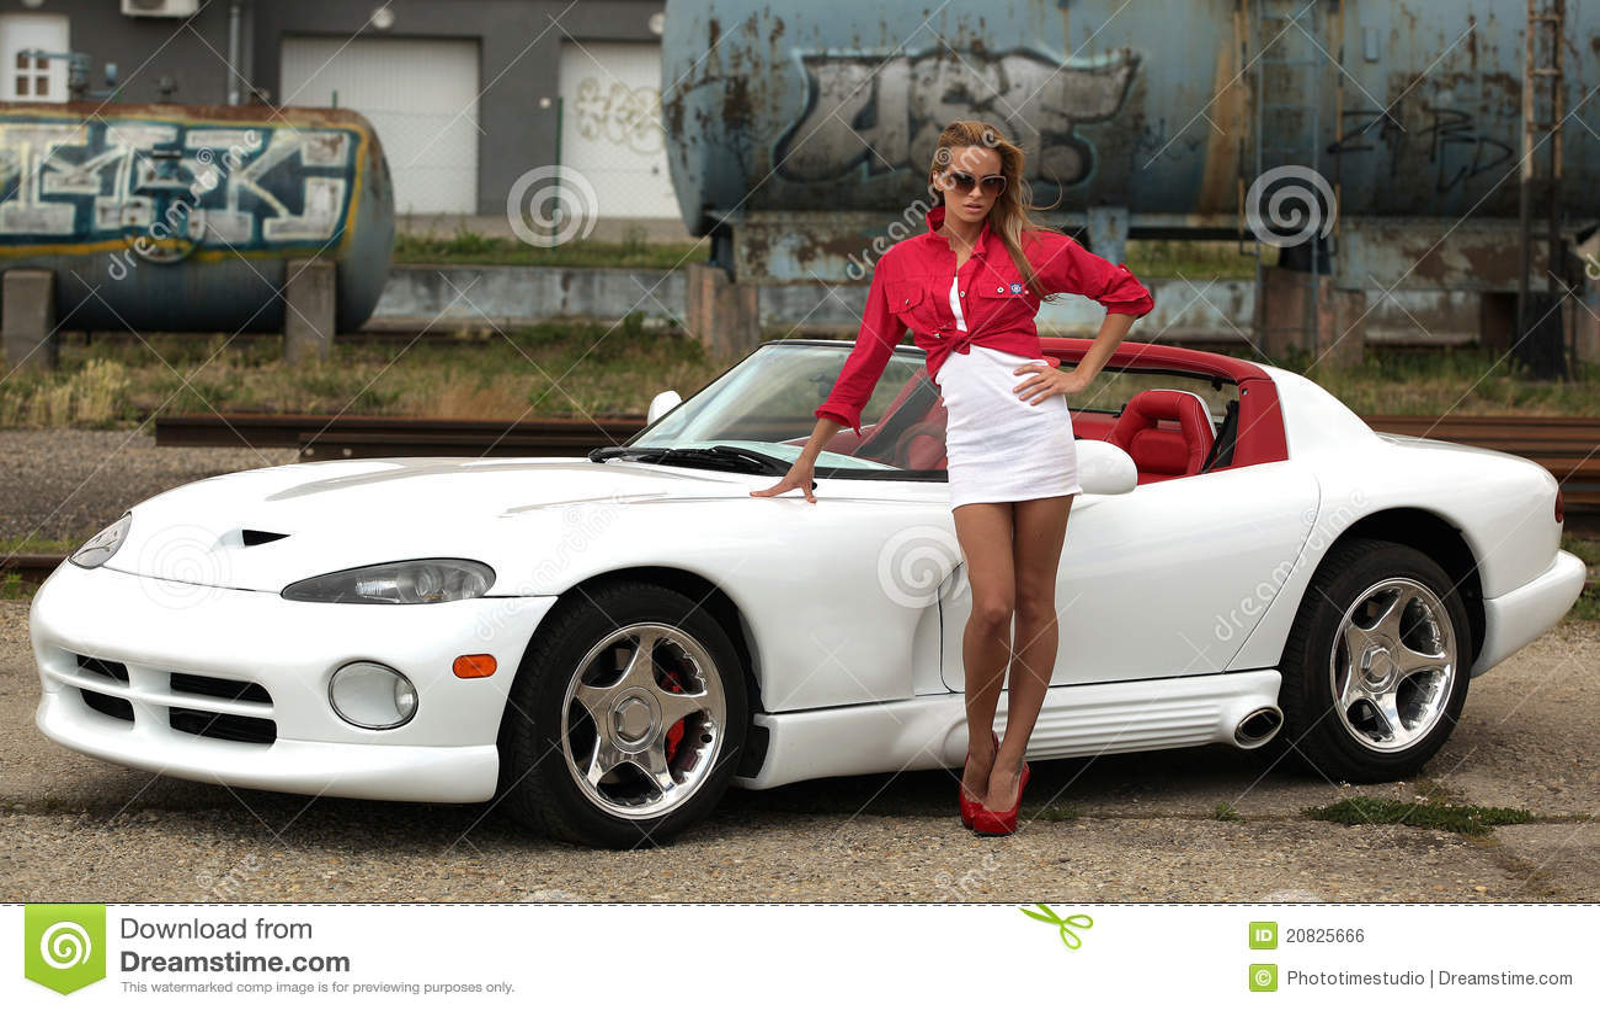 Femme et voiture de sport photo stock image du - Image de voiture de sport ...